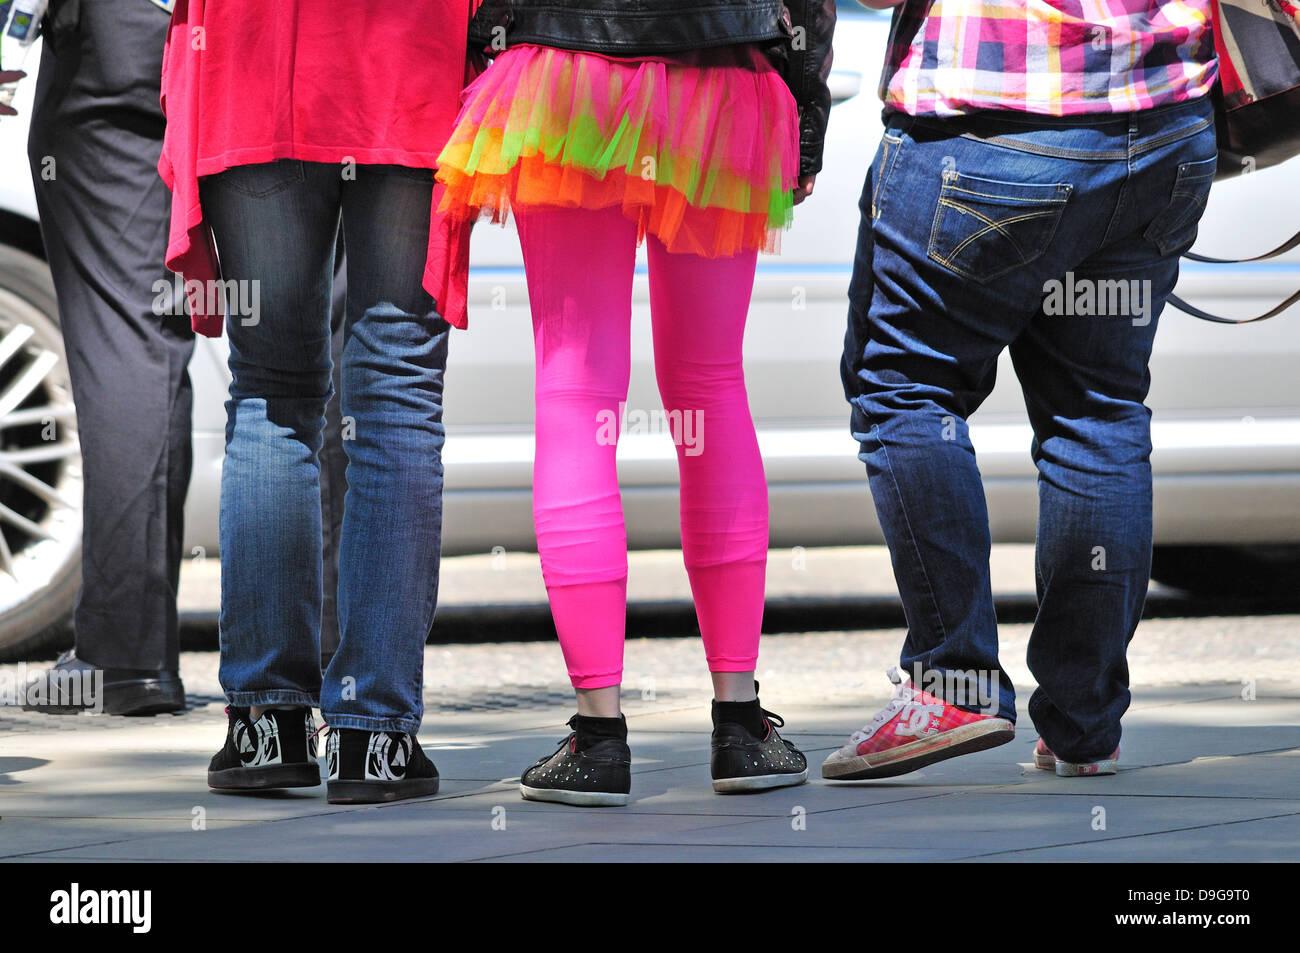 Londres, Angleterre, Royaume-Uni. Fille avec leggings colorés et jupe. Photo Stock